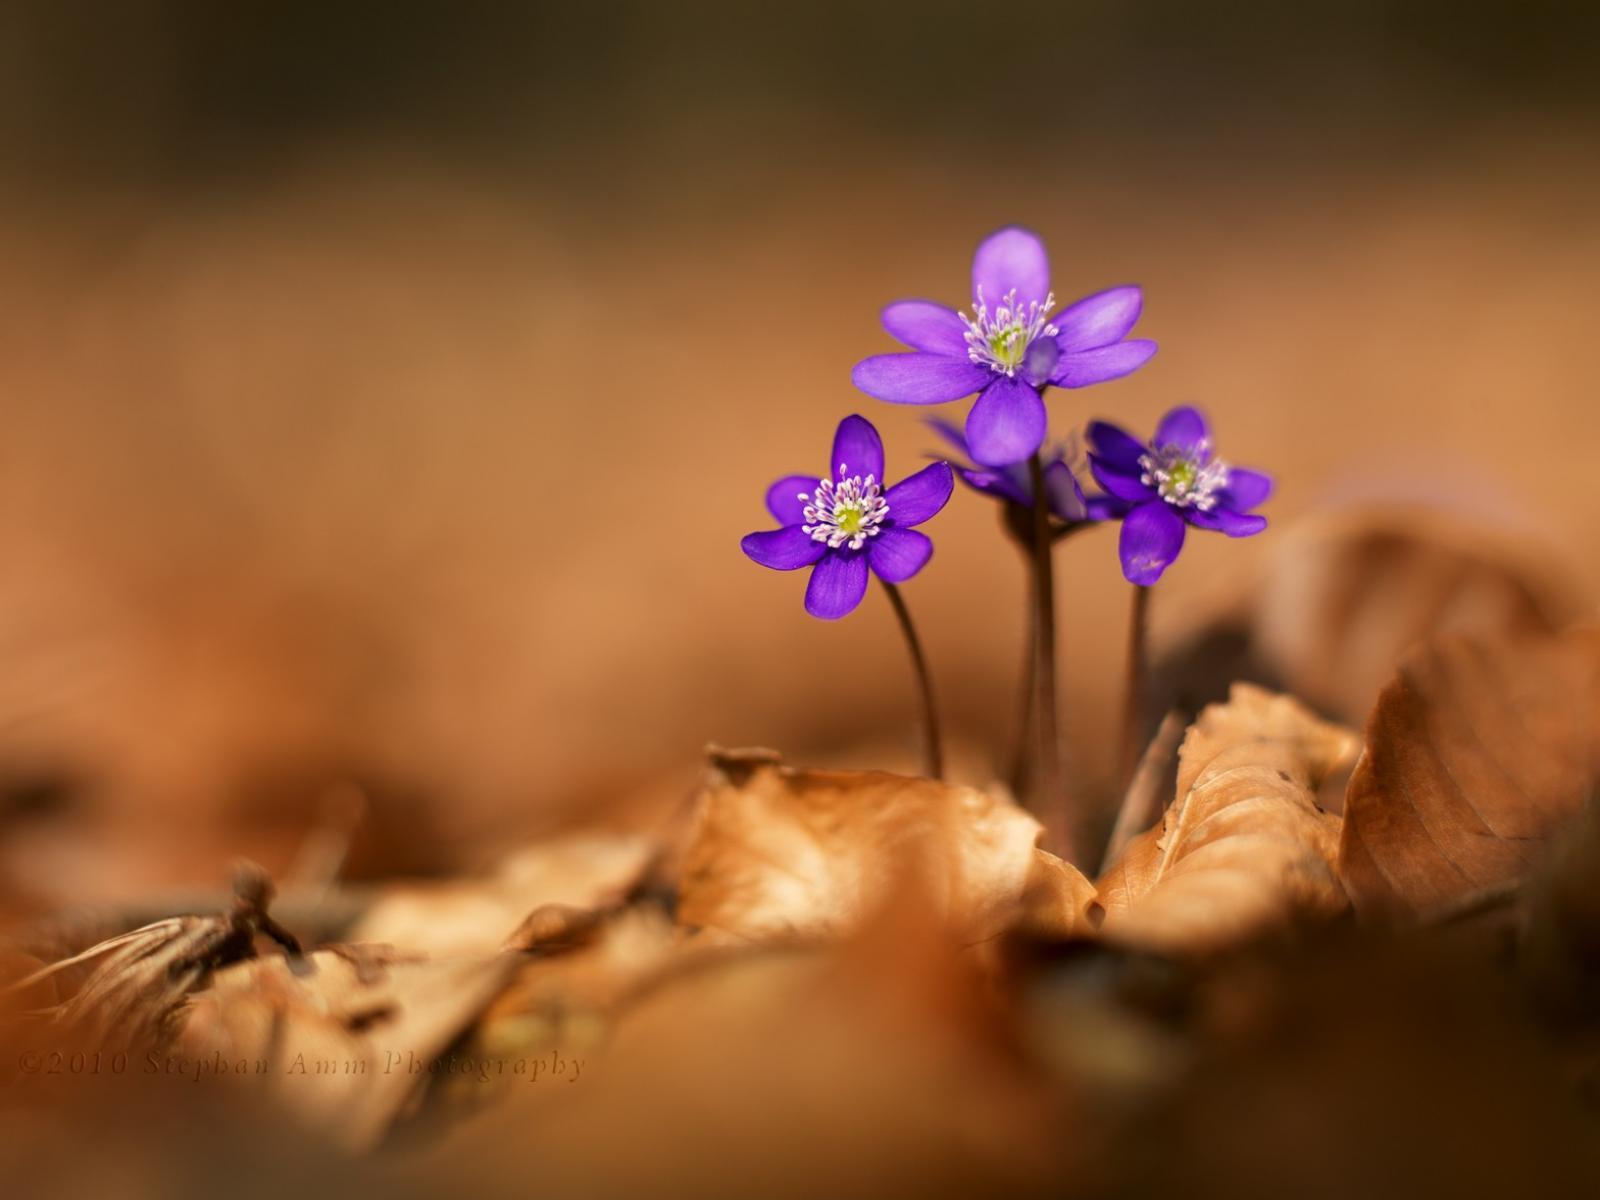 фото макро цветов: